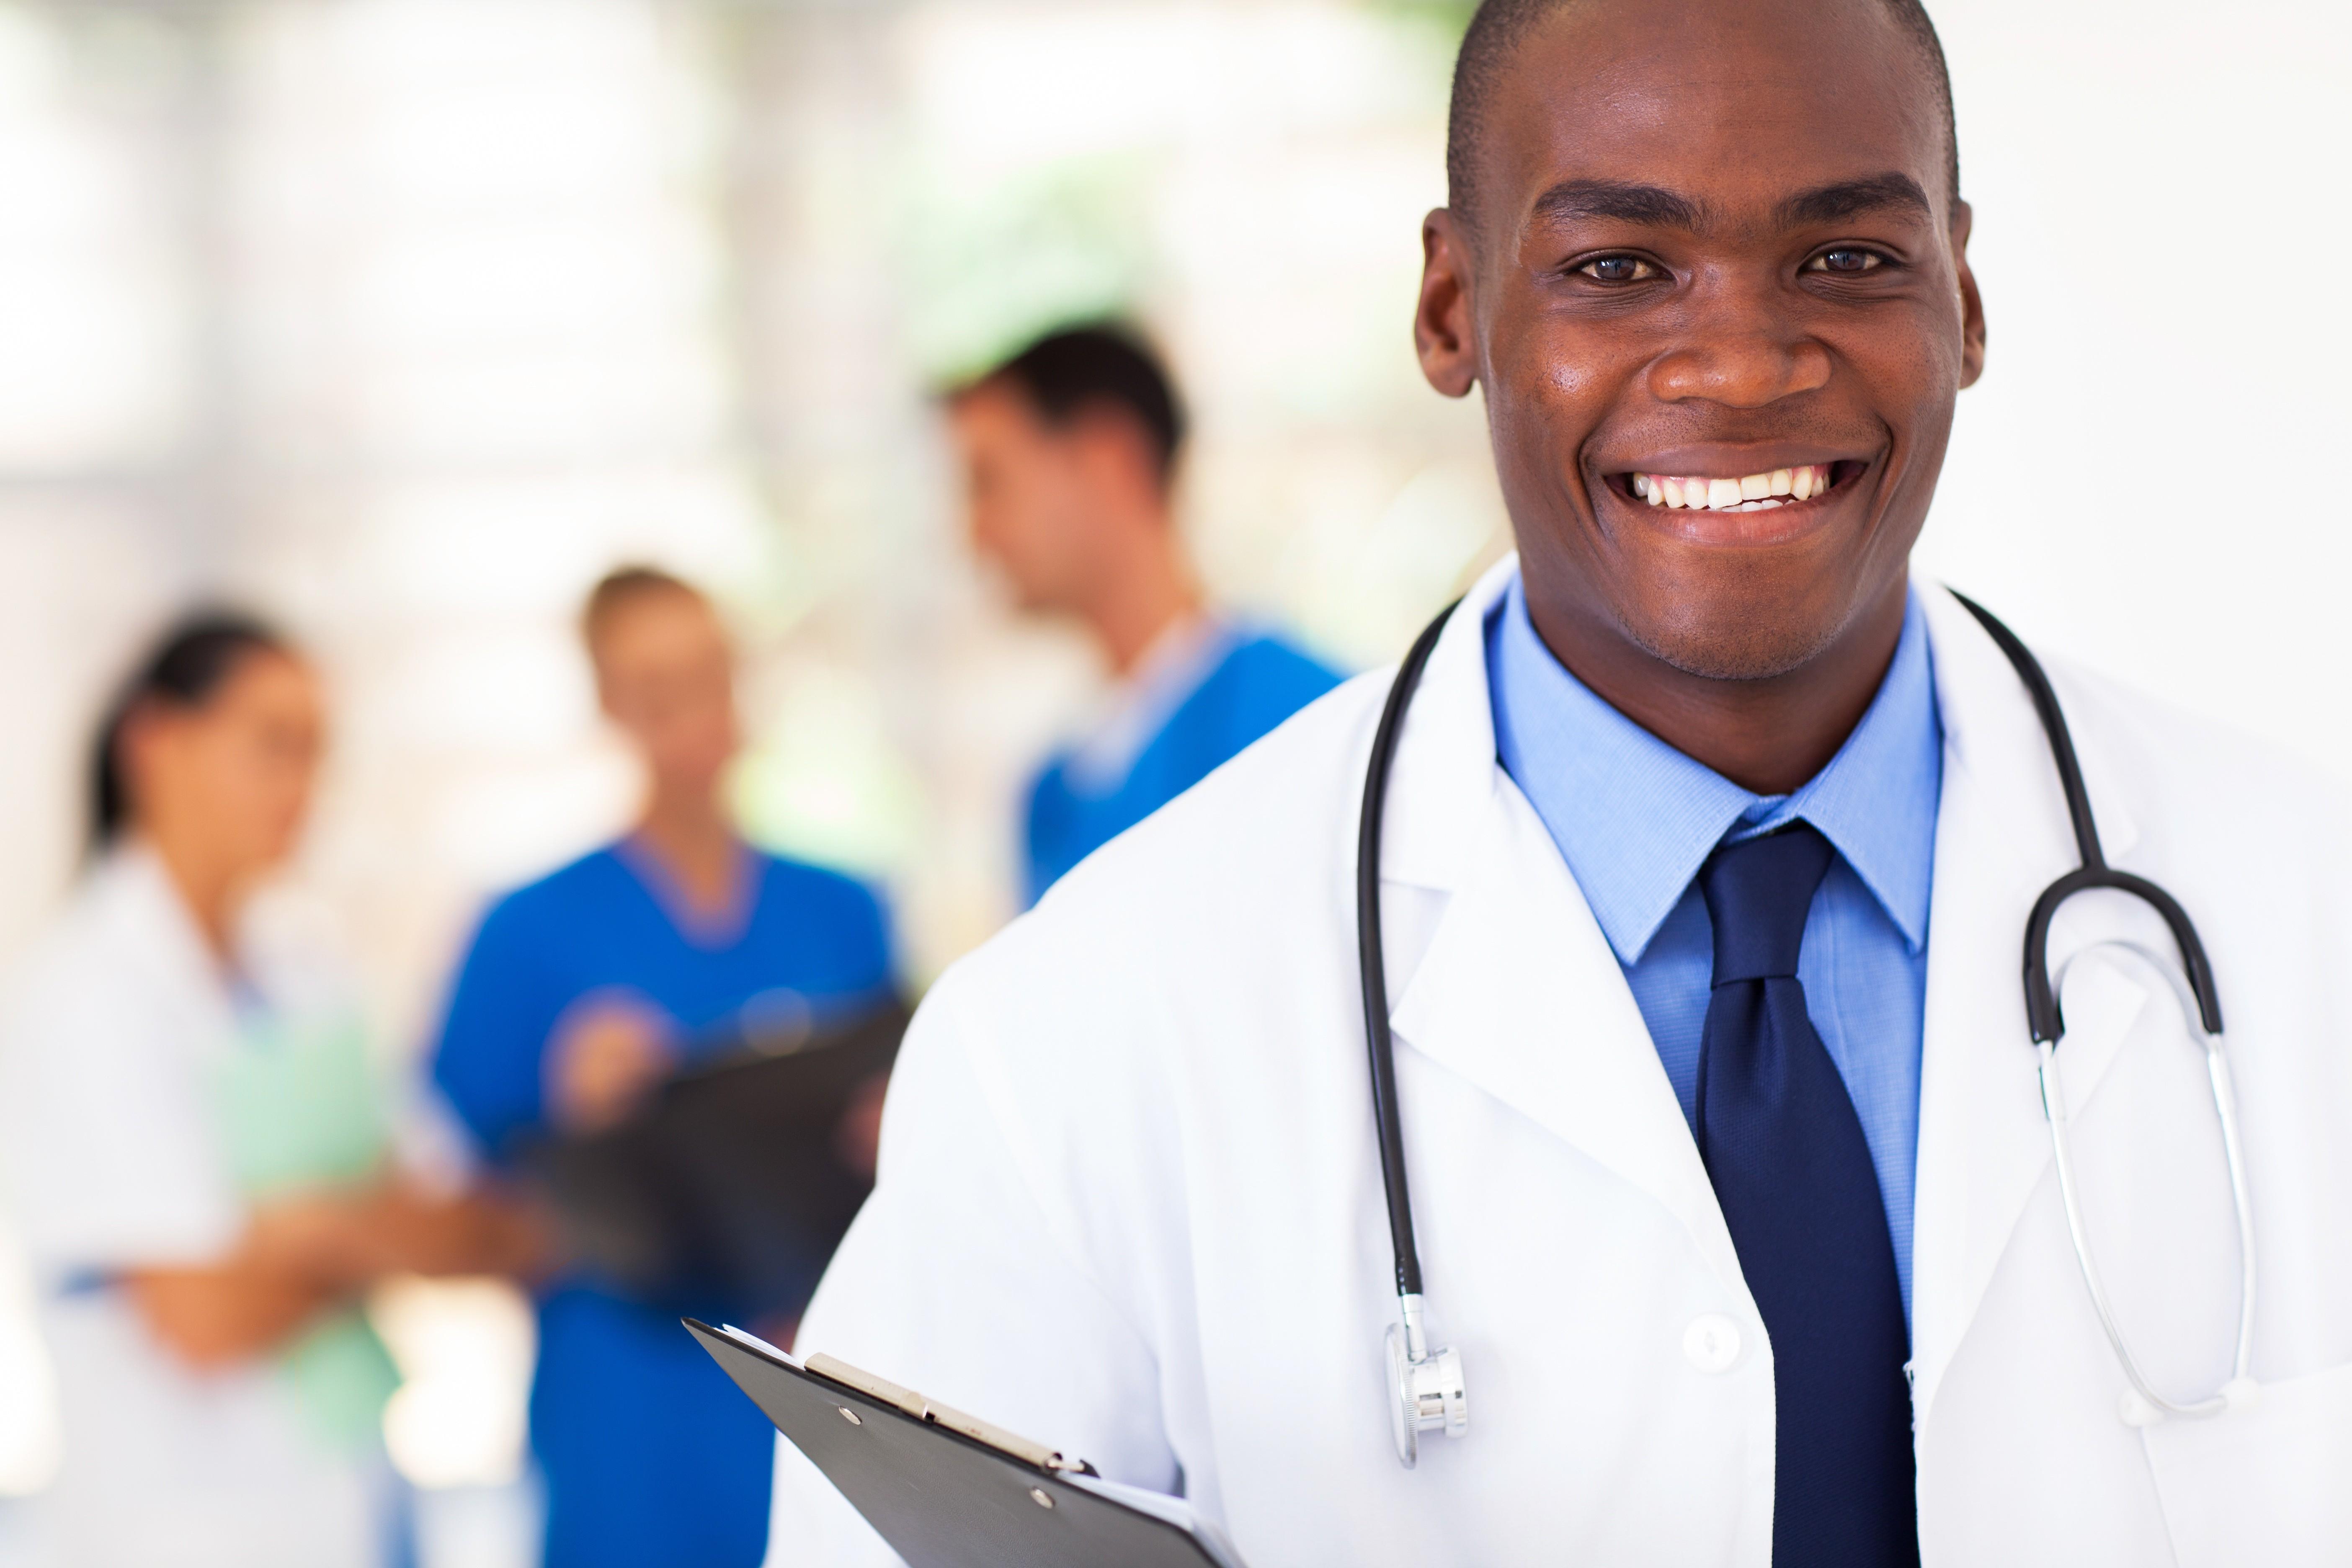 How hard is it to get into Harvard Medical School? - Quora